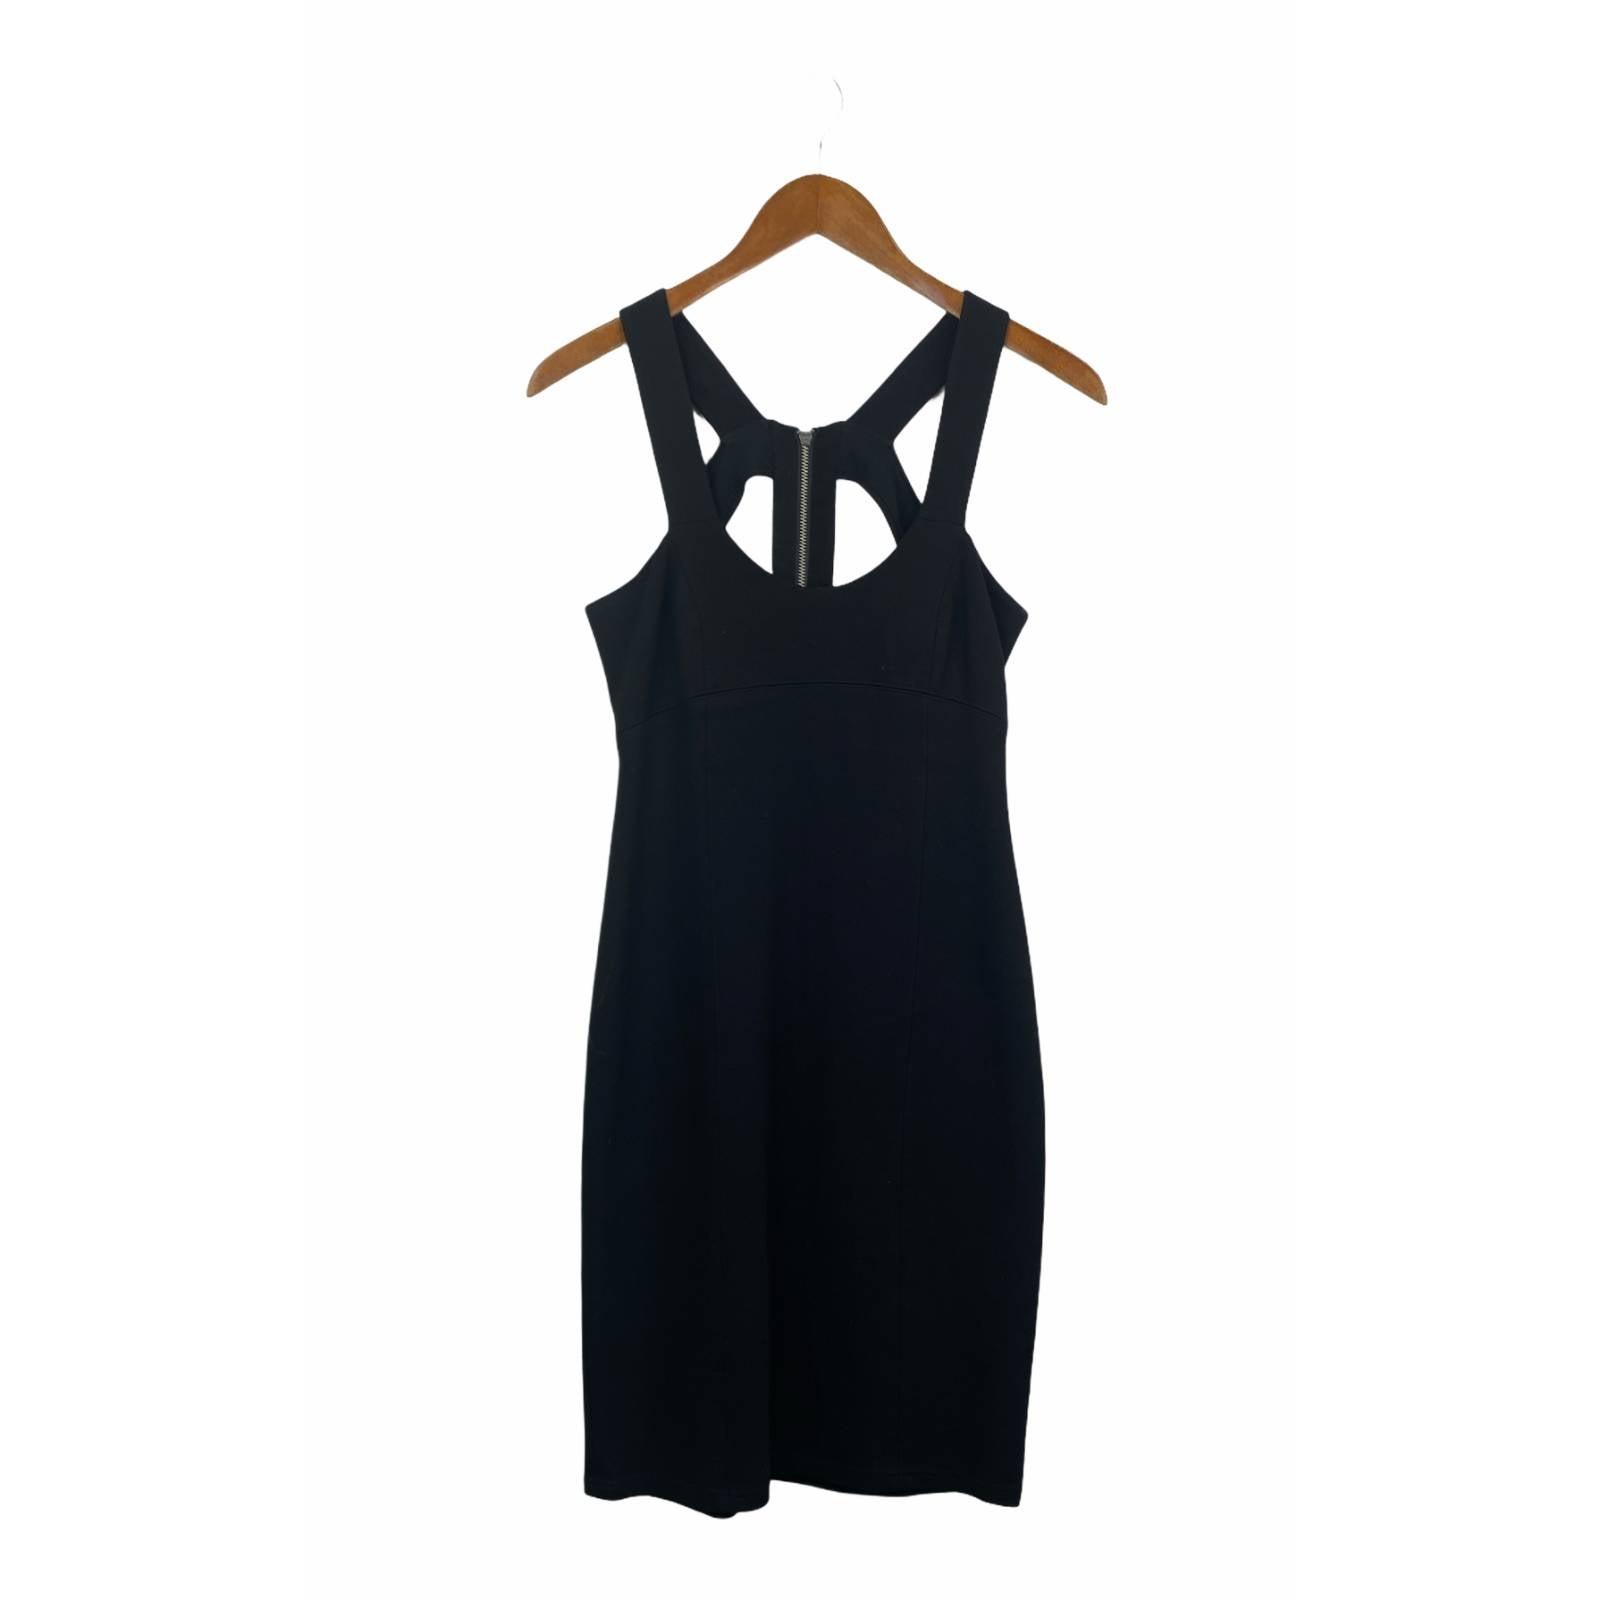 Club Monaco Strappy Dress Size Small